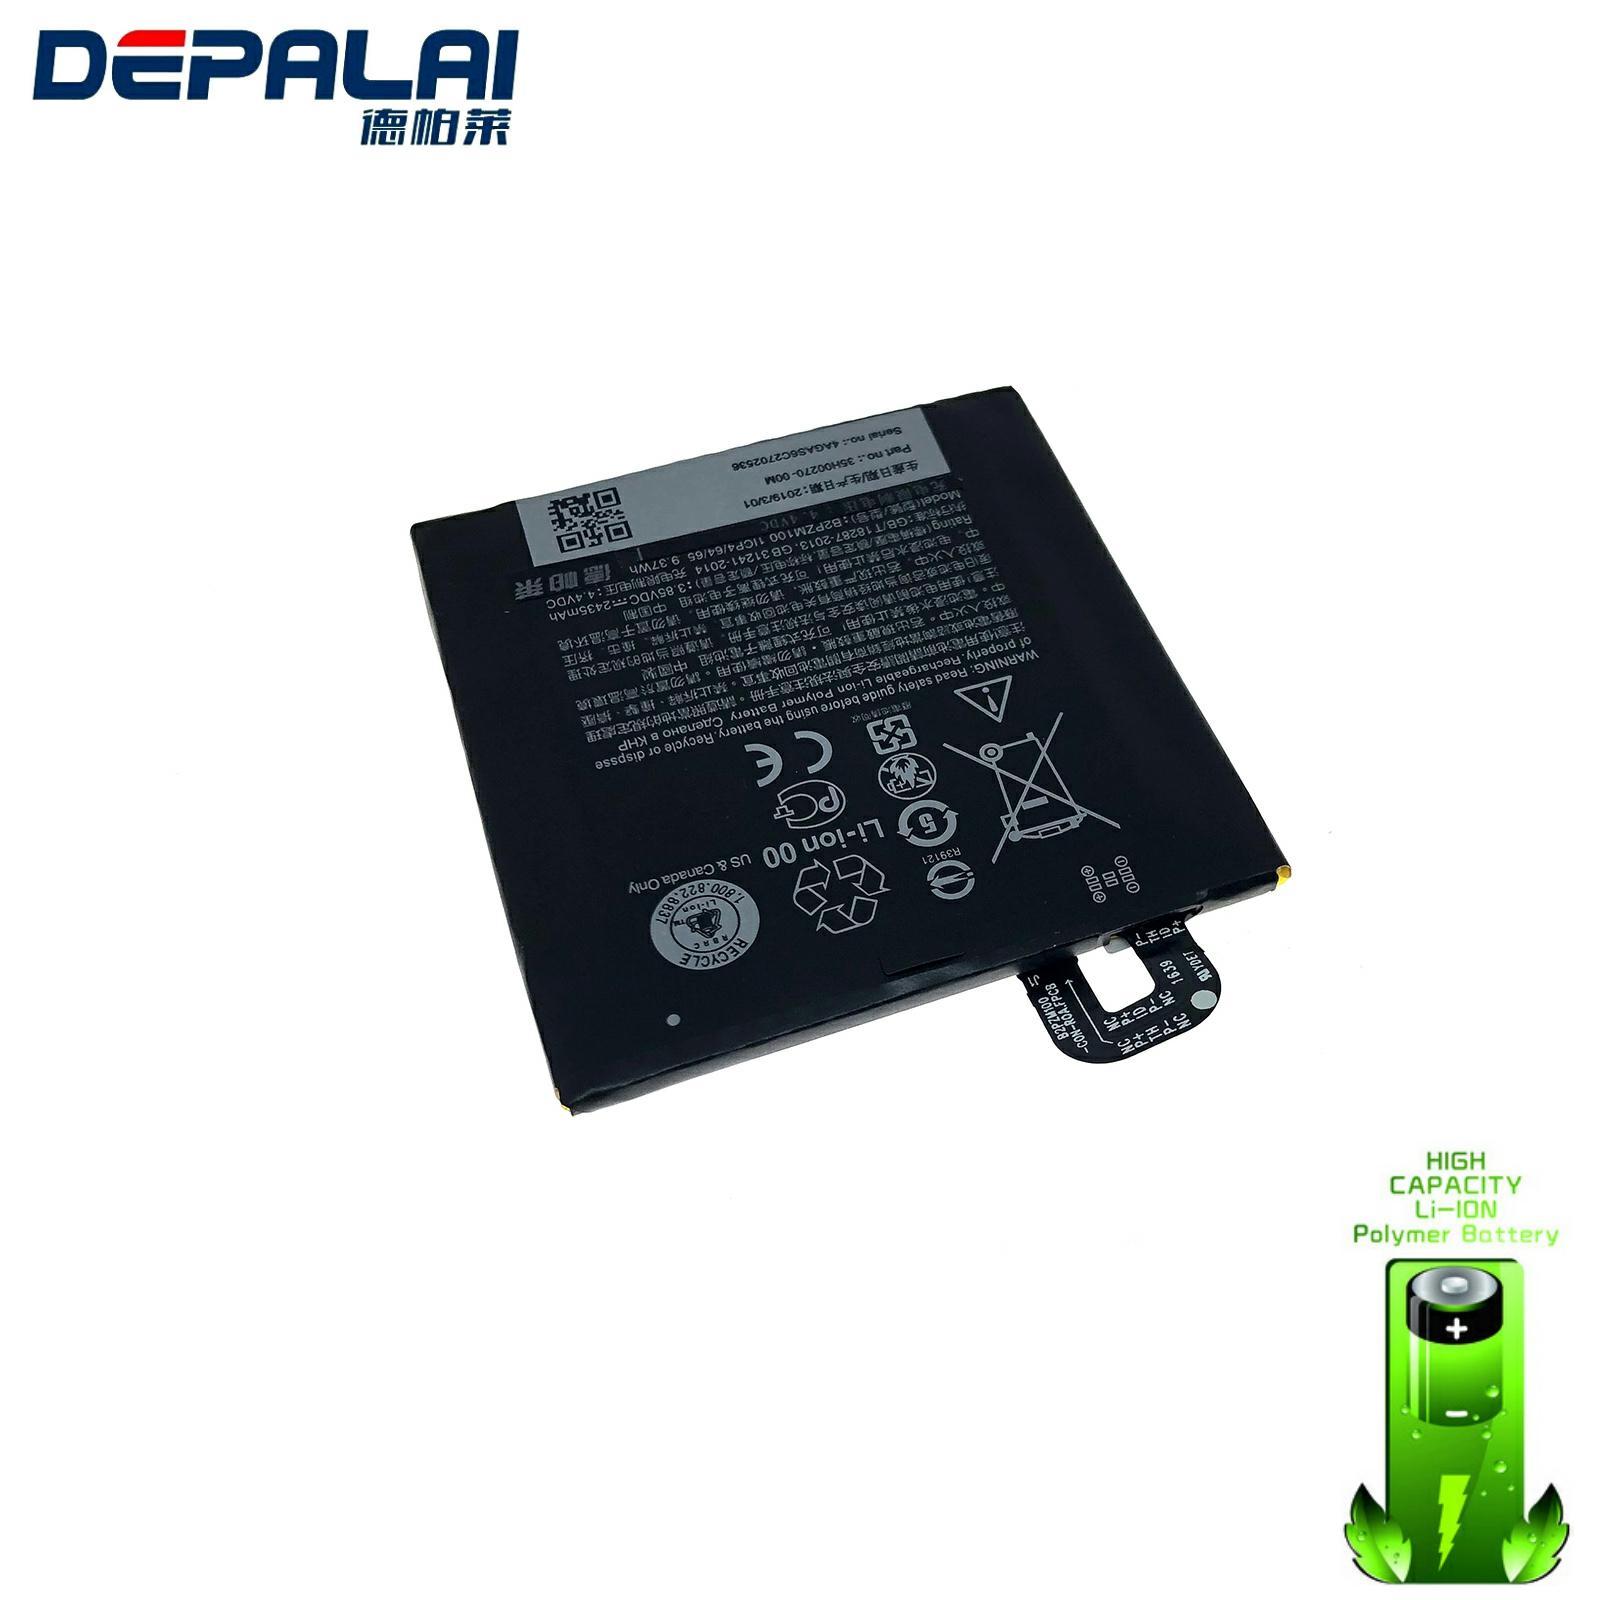 Hight Capacity 2435mah B2PZM100 Battery Fit For HTC Alpine, U Play, U Play TD-LTE, U Play TD-LTE Dual SIM Batteries Batterij